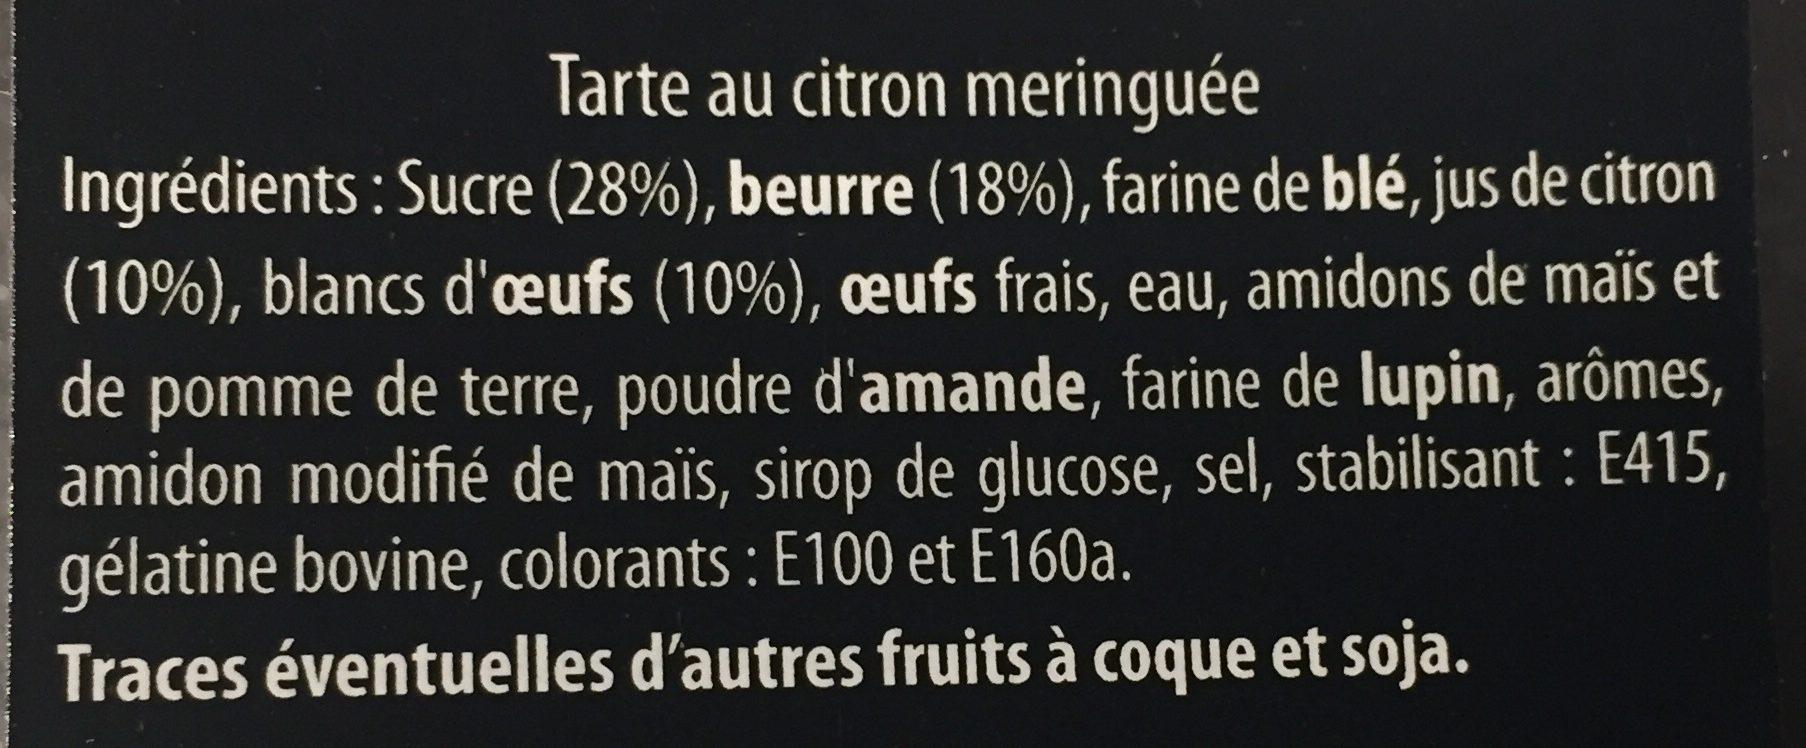 Tarte au citron meringuée - Ingrédients - fr